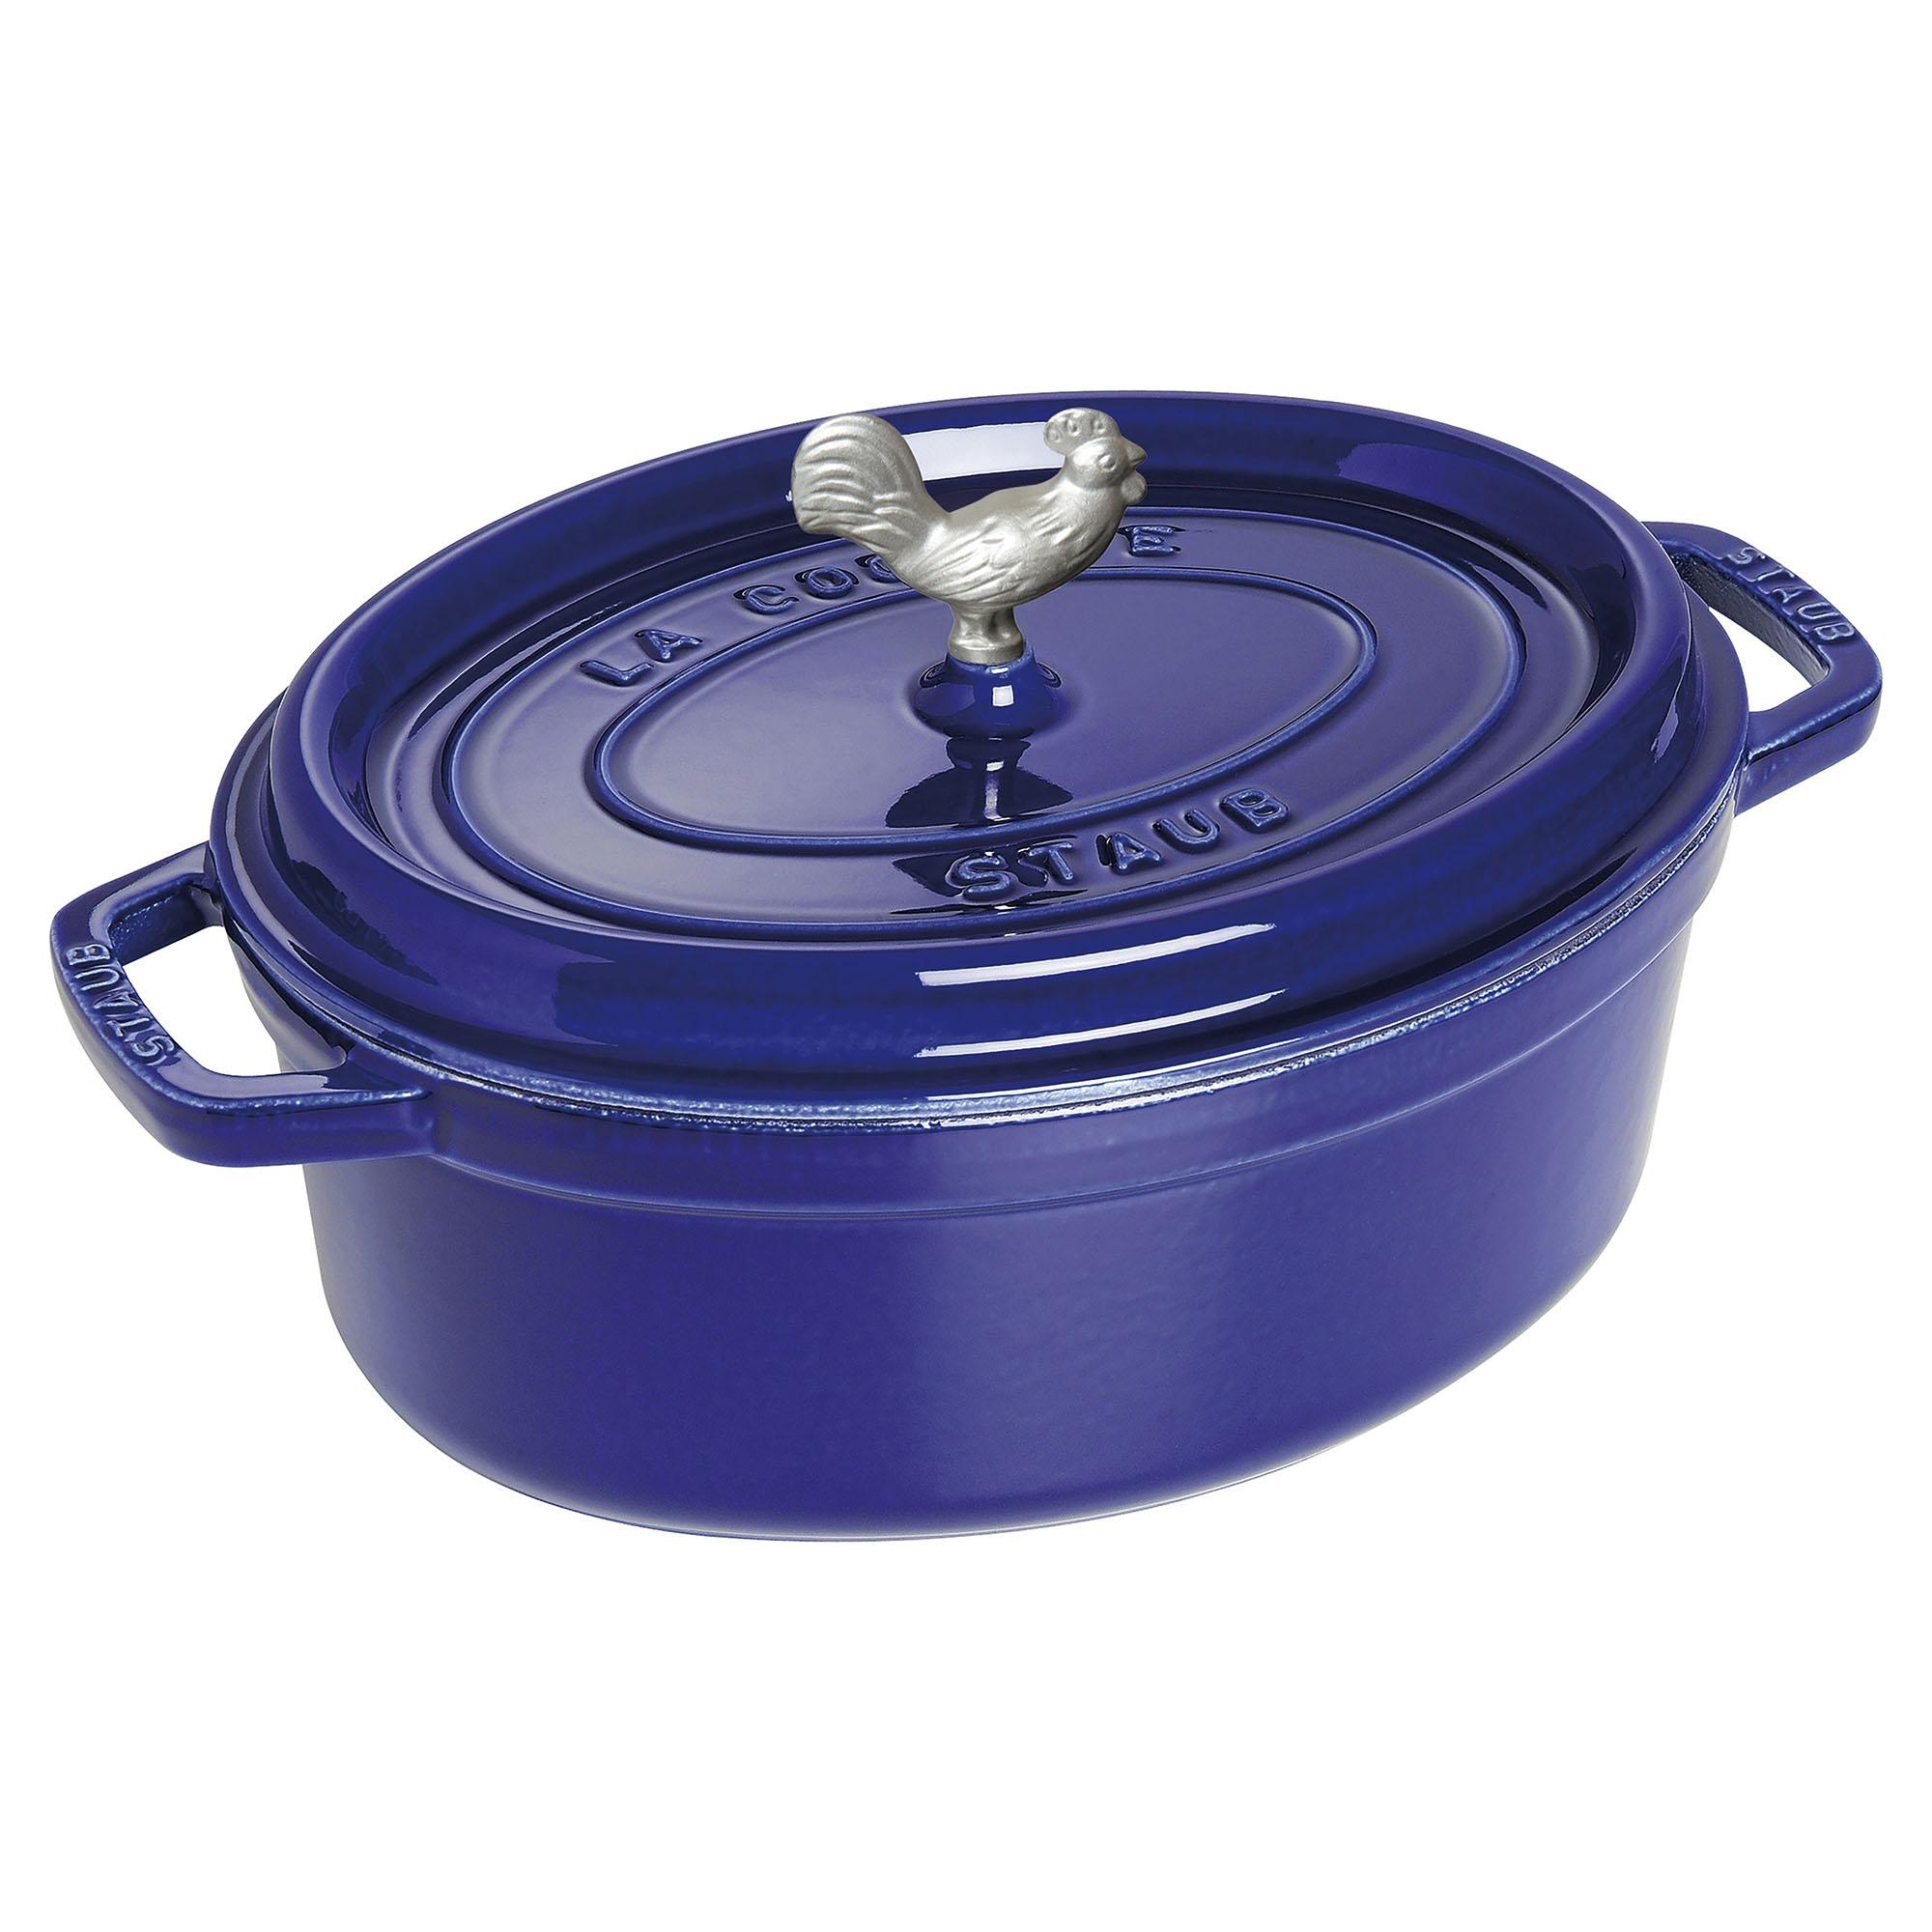 Staub Cast Iron 5.75-qt Coq au Vin Cocotte - Dark Blue